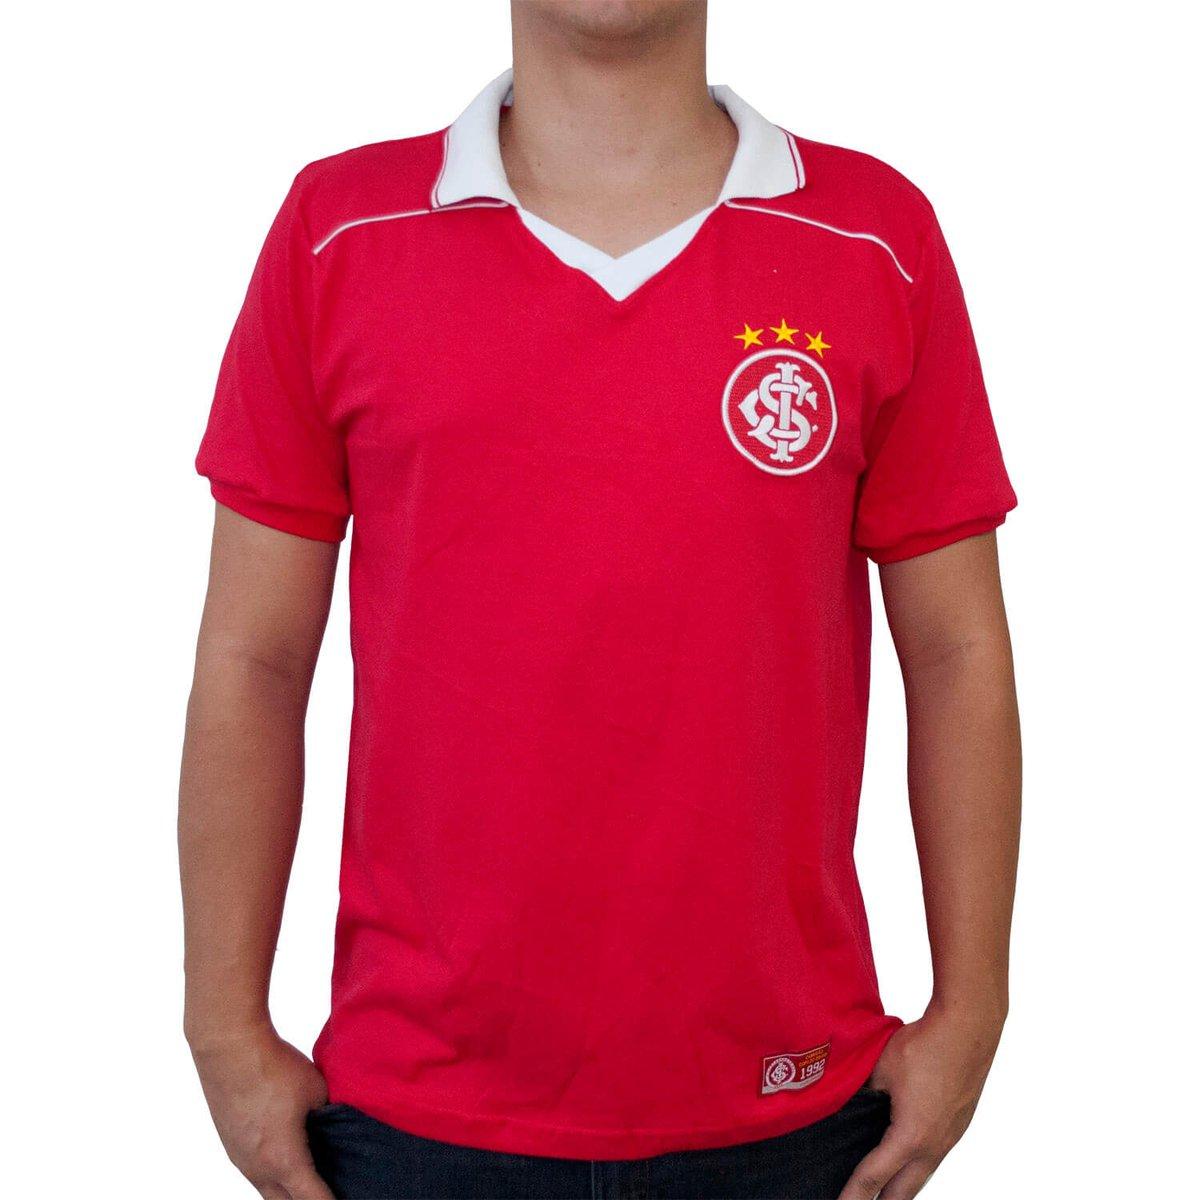 1460d82d6a2 Camisa Retrô Mania Internacional 1992 Masculina - Vermelho - Compre Agora